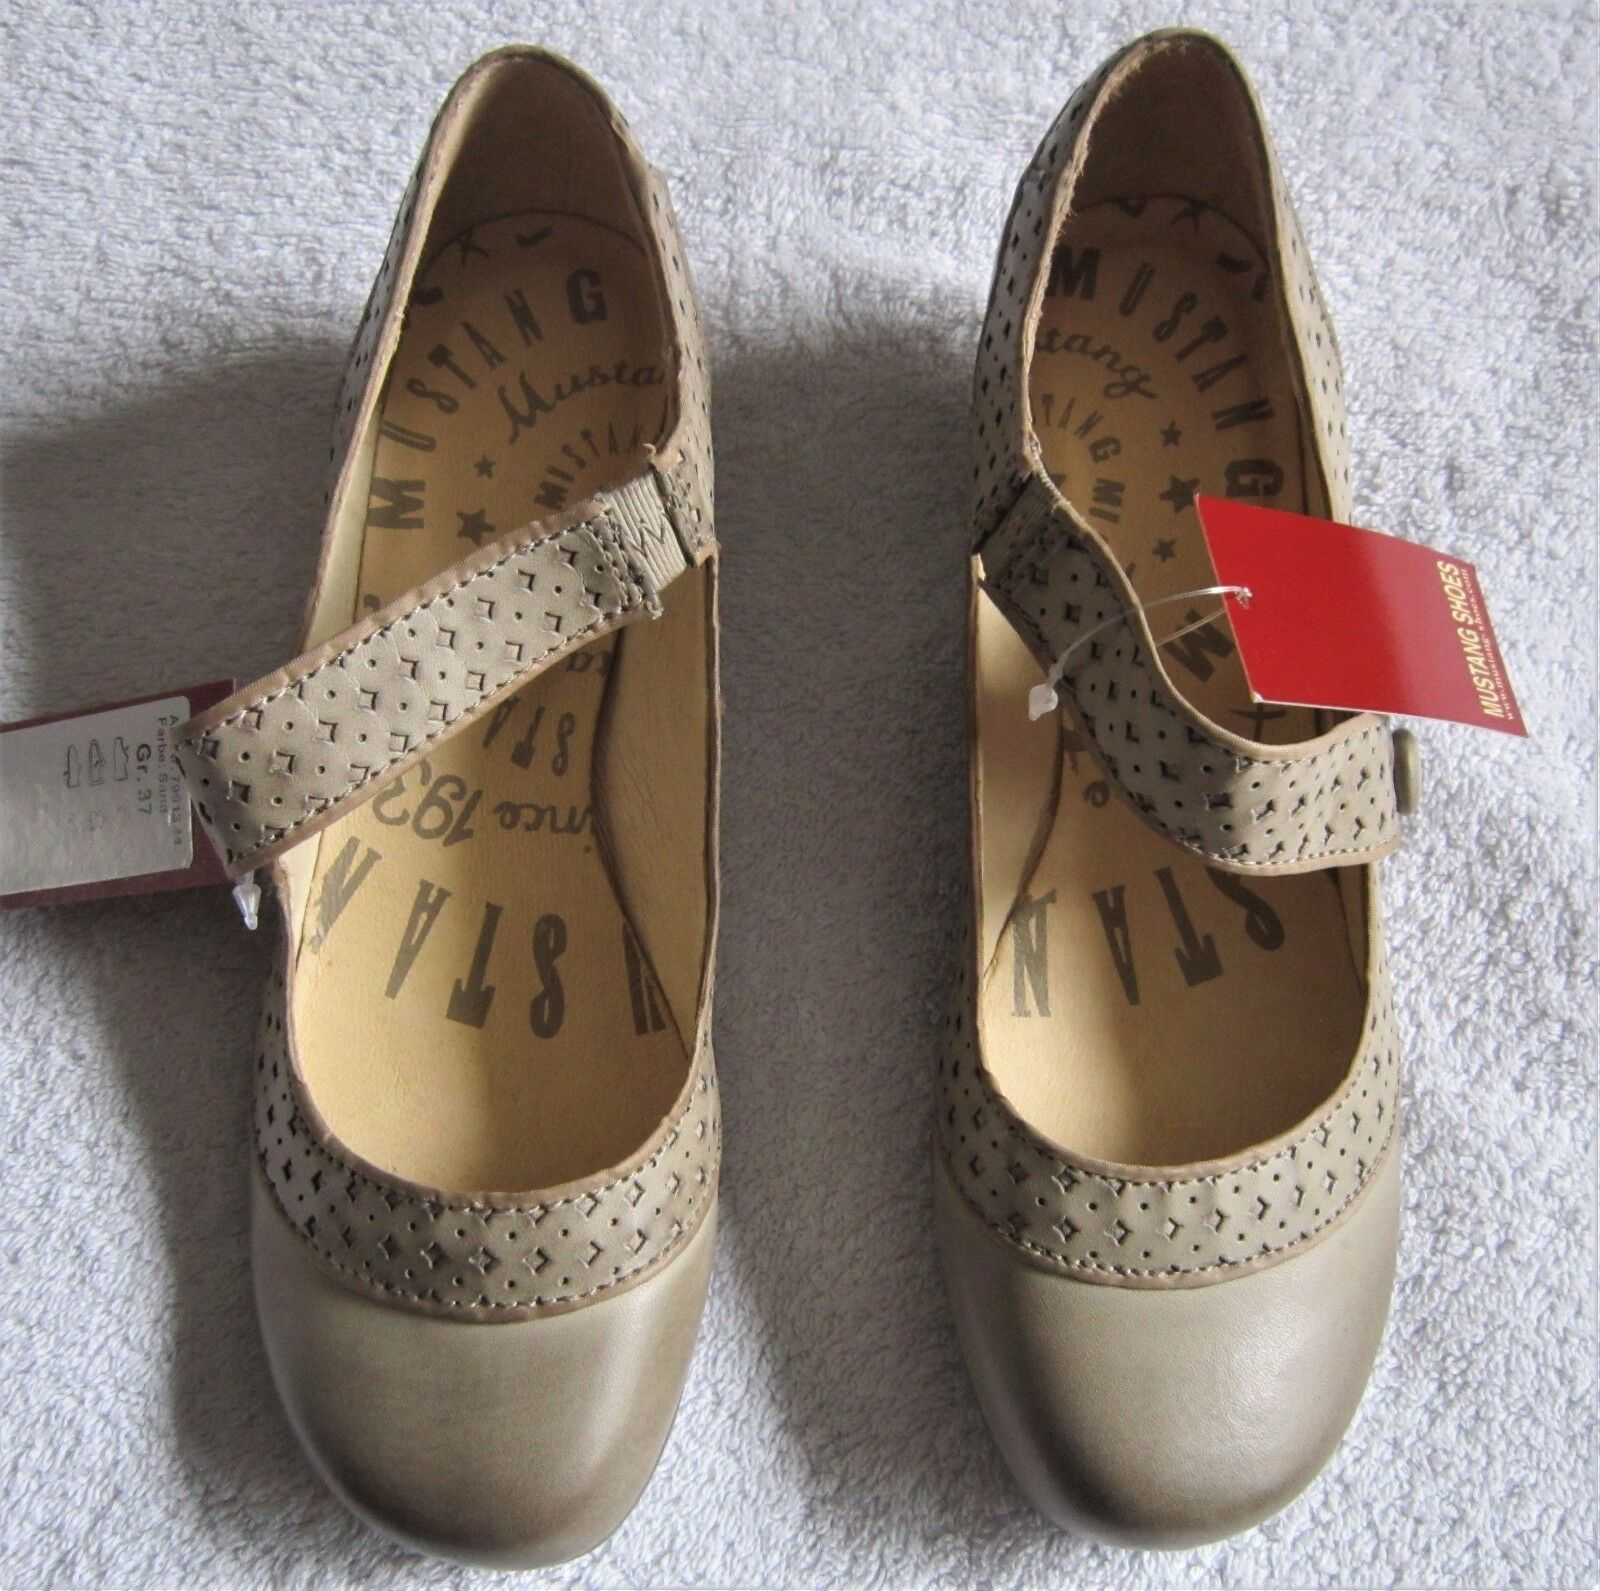 NEU Mustang Spangenpumps Pumps sand beige braun flach 37 39 Ballerinas Schuhe